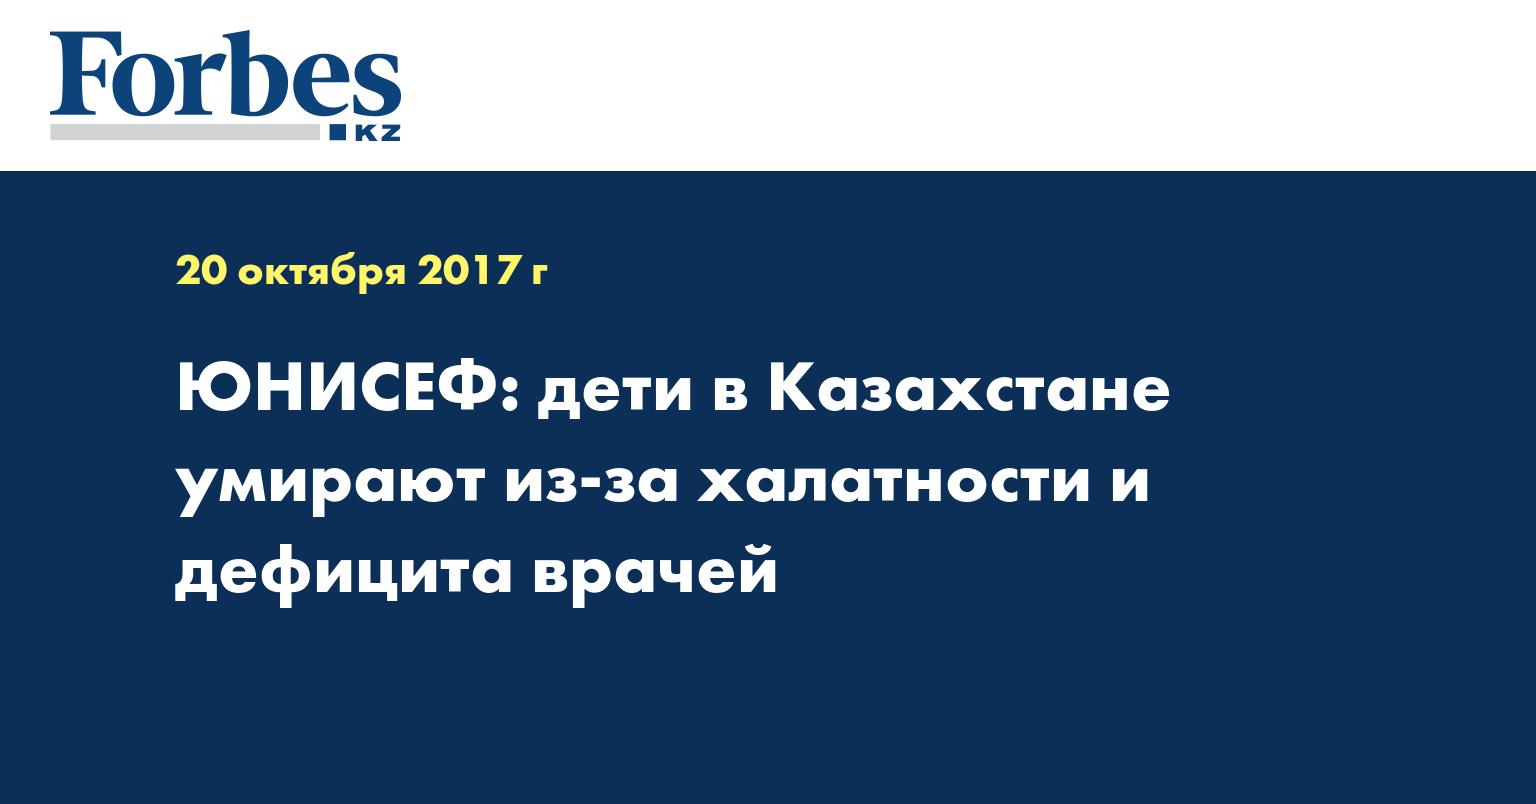 ЮНИСЕФ: дети в Казахстане умирают из-за халатности и дефицита врачей